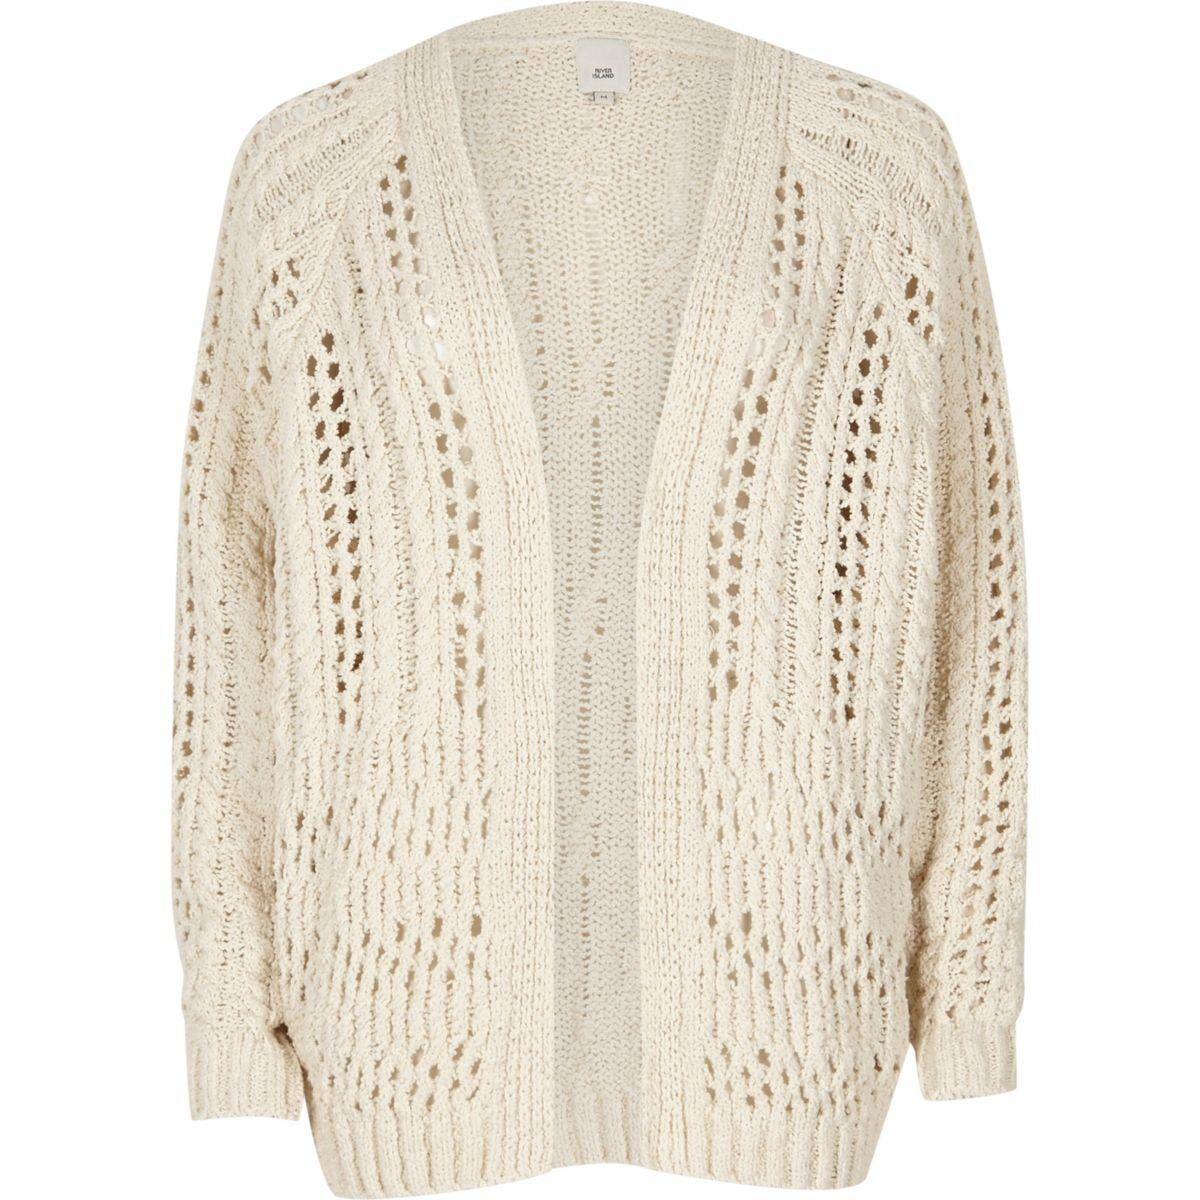 Light cream open knit cardigan - Cardigans - Knitwear - women